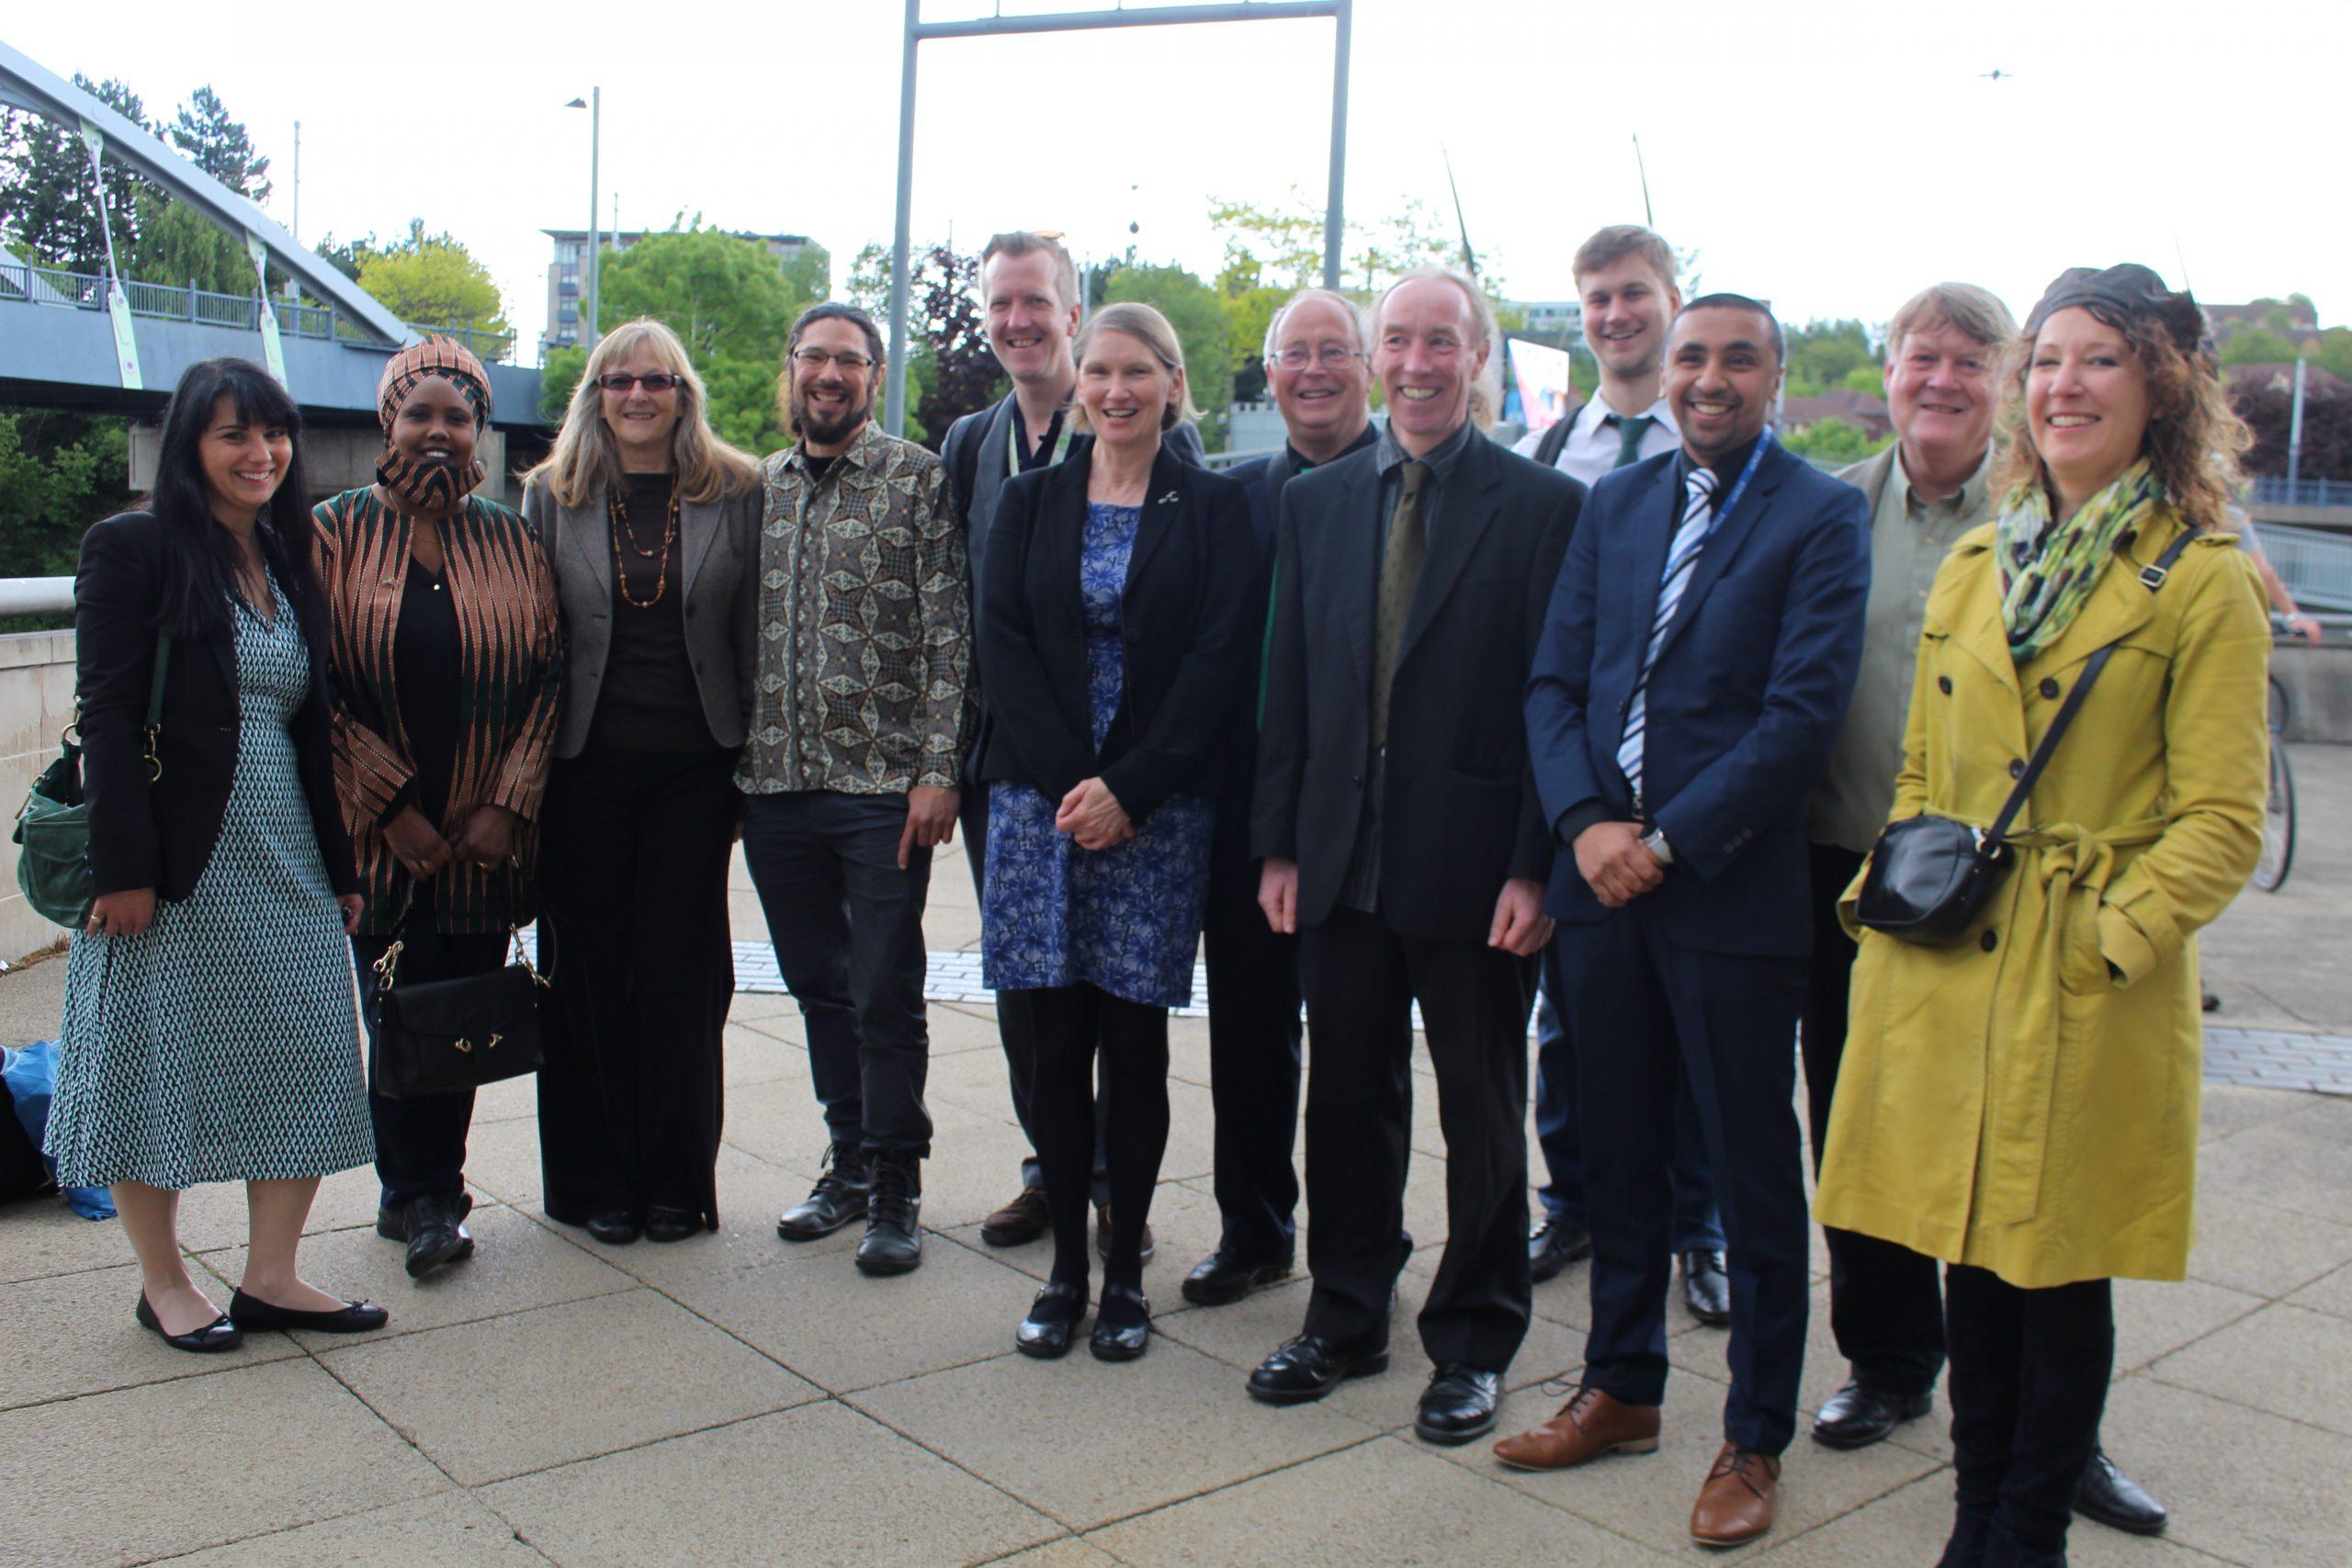 The Green Councillor Group